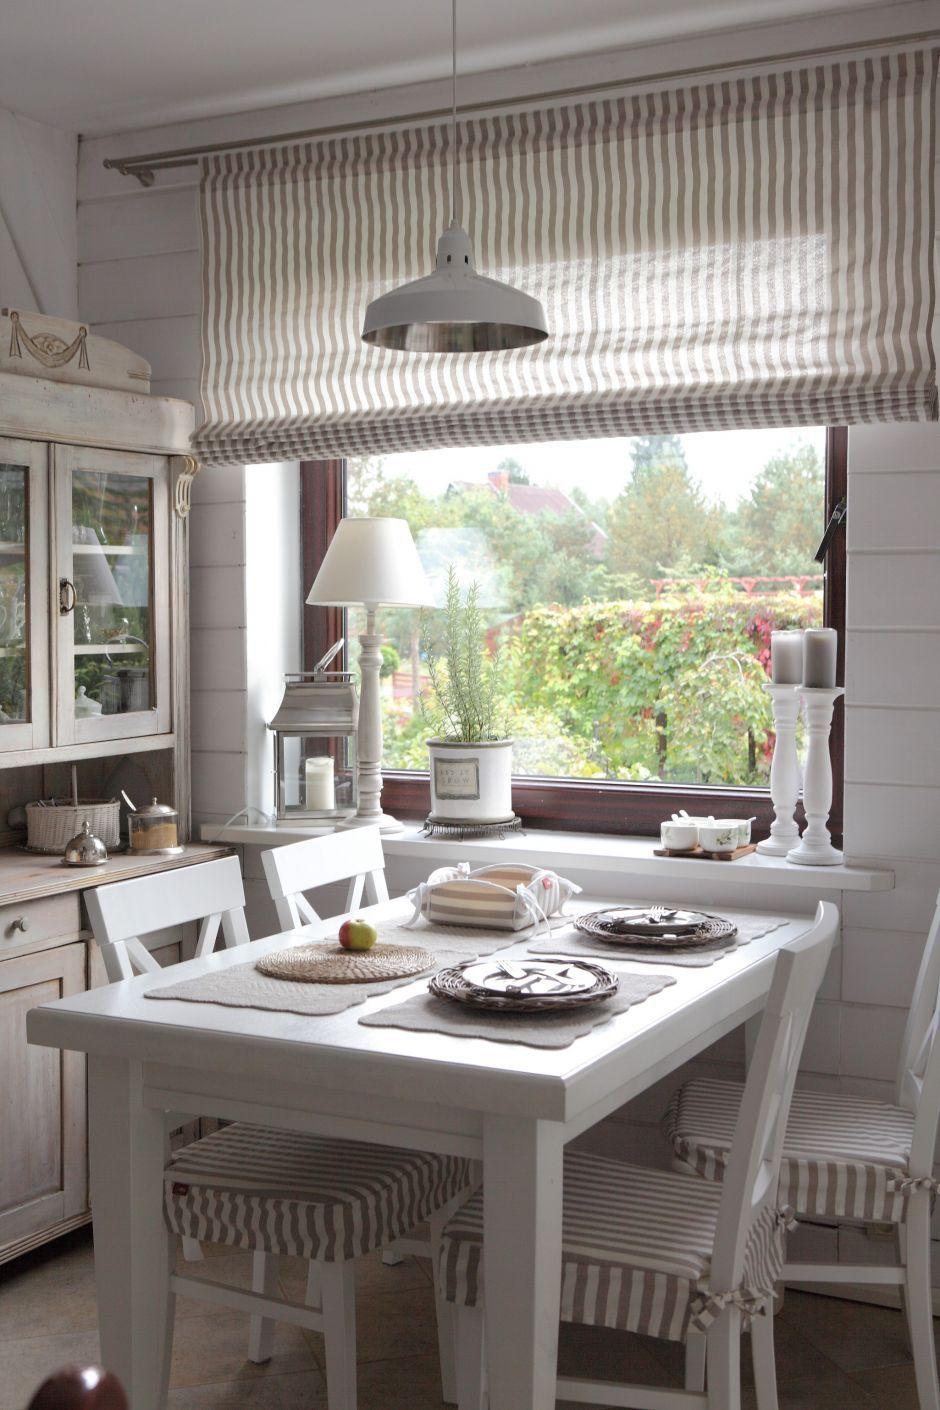 Full Size of Vorhänge Küche Modern Vorhänge Küche Ideen Modern Bonprix Vorhänge Küche Gardinen Vorhänge Küche Küche Vorhänge Küche